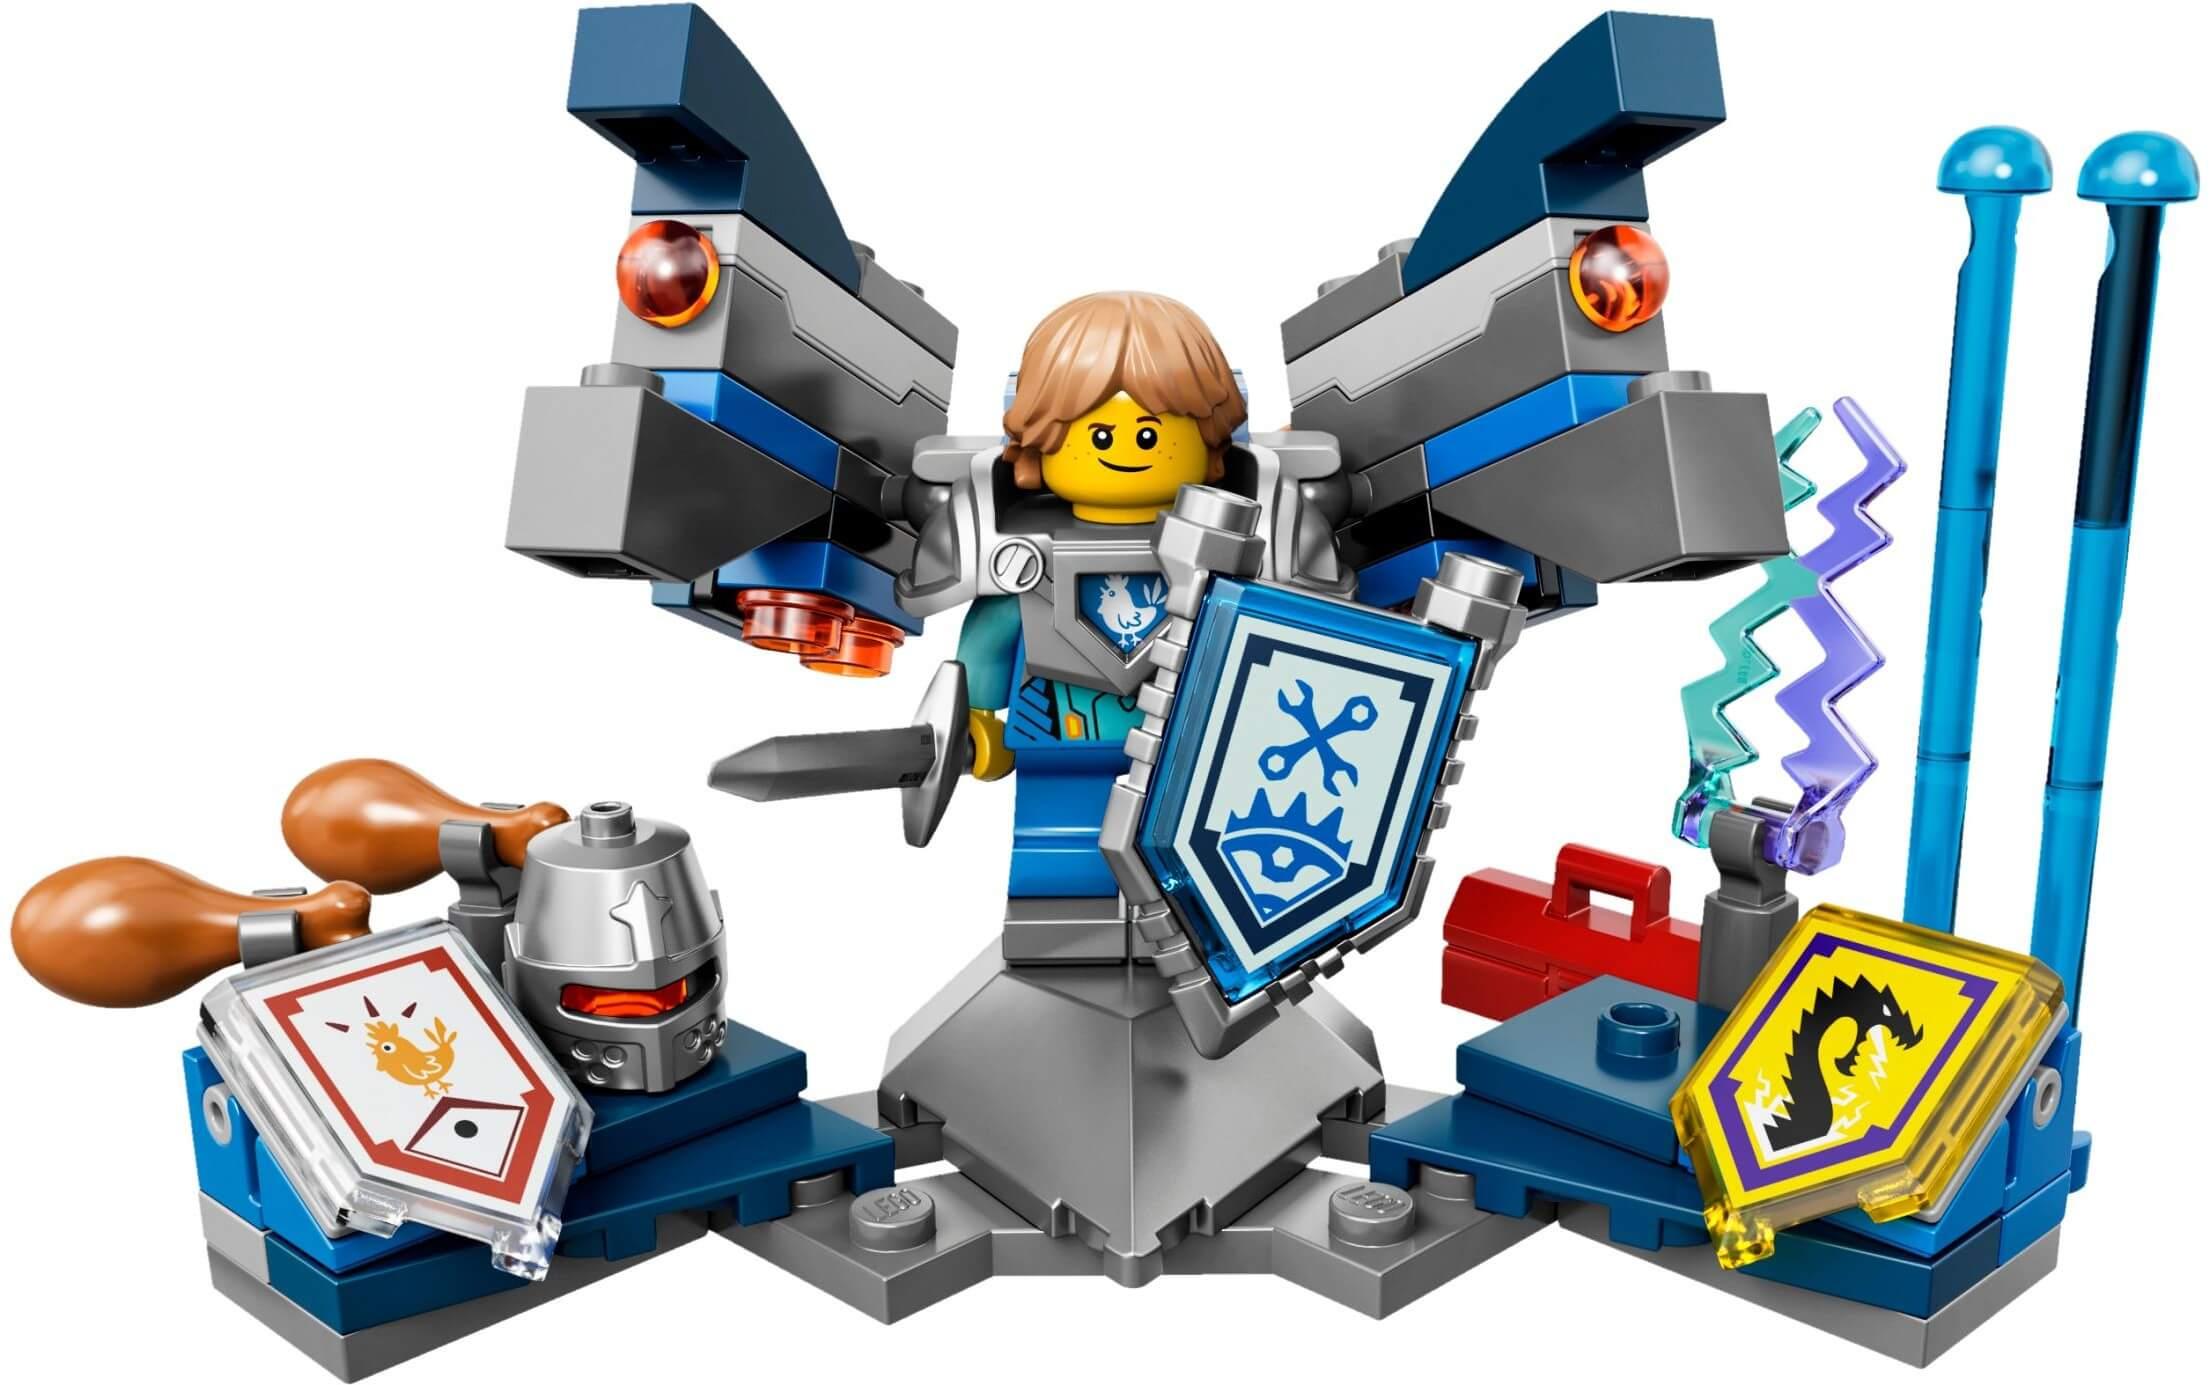 Mua đồ chơi LEGO 70333 - LEGO Nexo Knights 70333 - Hiệp sĩ Robin hùng mạnh (LEGO Nexo Knights Ultimate Robin 70333)